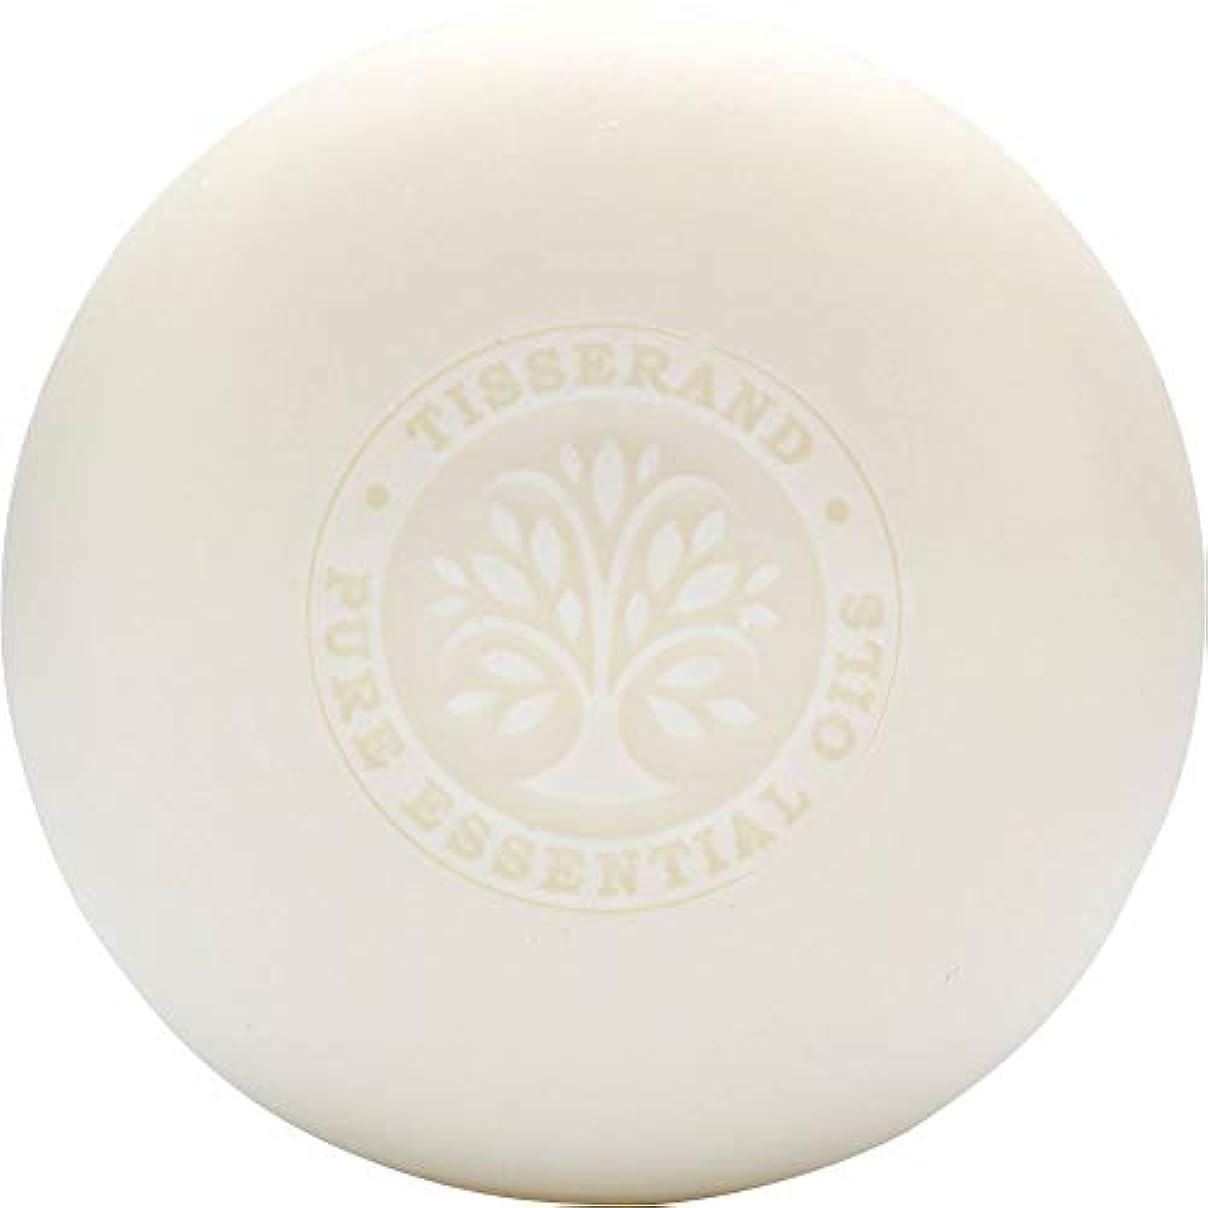 競う抽出びっくりする[Tisserand] ティスランドローズ&ゼラニウムの葉石鹸100グラム - Tisserand Rose & Geranium Leaf Soap 100g [並行輸入品]